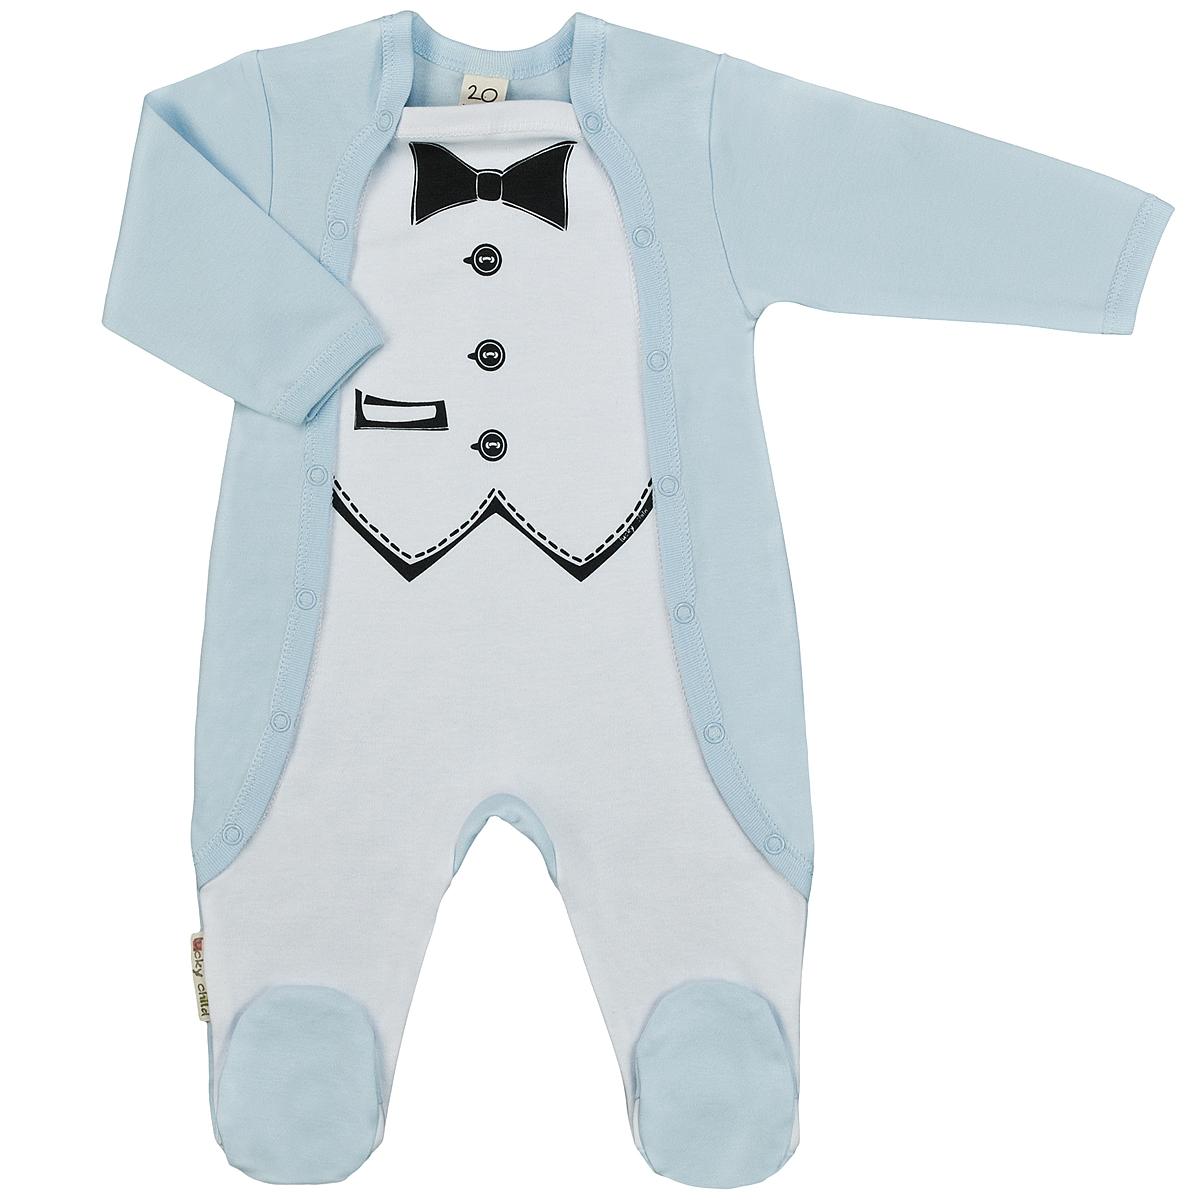 Комбинезон для мальчика Lucky Child, цвет: голубой, белый. 3-22. Размер 80/863-22Детский комбинезон для мальчика Lucky Child - очень удобный и практичный вид одежды для малышей. Комбинезон выполнен из интерлока - натурального хлопка, благодаря чему он необычайно мягкий и приятный на ощупь, не раздражают нежную кожу ребенка и хорошо вентилируются, а эластичные швы приятны телу малыша и не препятствуют его движениям. Комбинезон с длинными рукавами и закрытыми ножками имеет застежки-кнопки по бокам от горловины до щиколоток, которые помогают легко переодеть младенца или сменить подгузник. Спереди он оформлен оригинальным принтом, имитирующим фрак с бабочкой. С детским комбинезоном Lucky Child спинка и ножки вашего малыша всегда будут в тепле, он идеален для использования днем и незаменим ночью. Комбинезон полностью соответствует особенностям жизни младенца в ранний период, не стесняя и не ограничивая его в движениях!